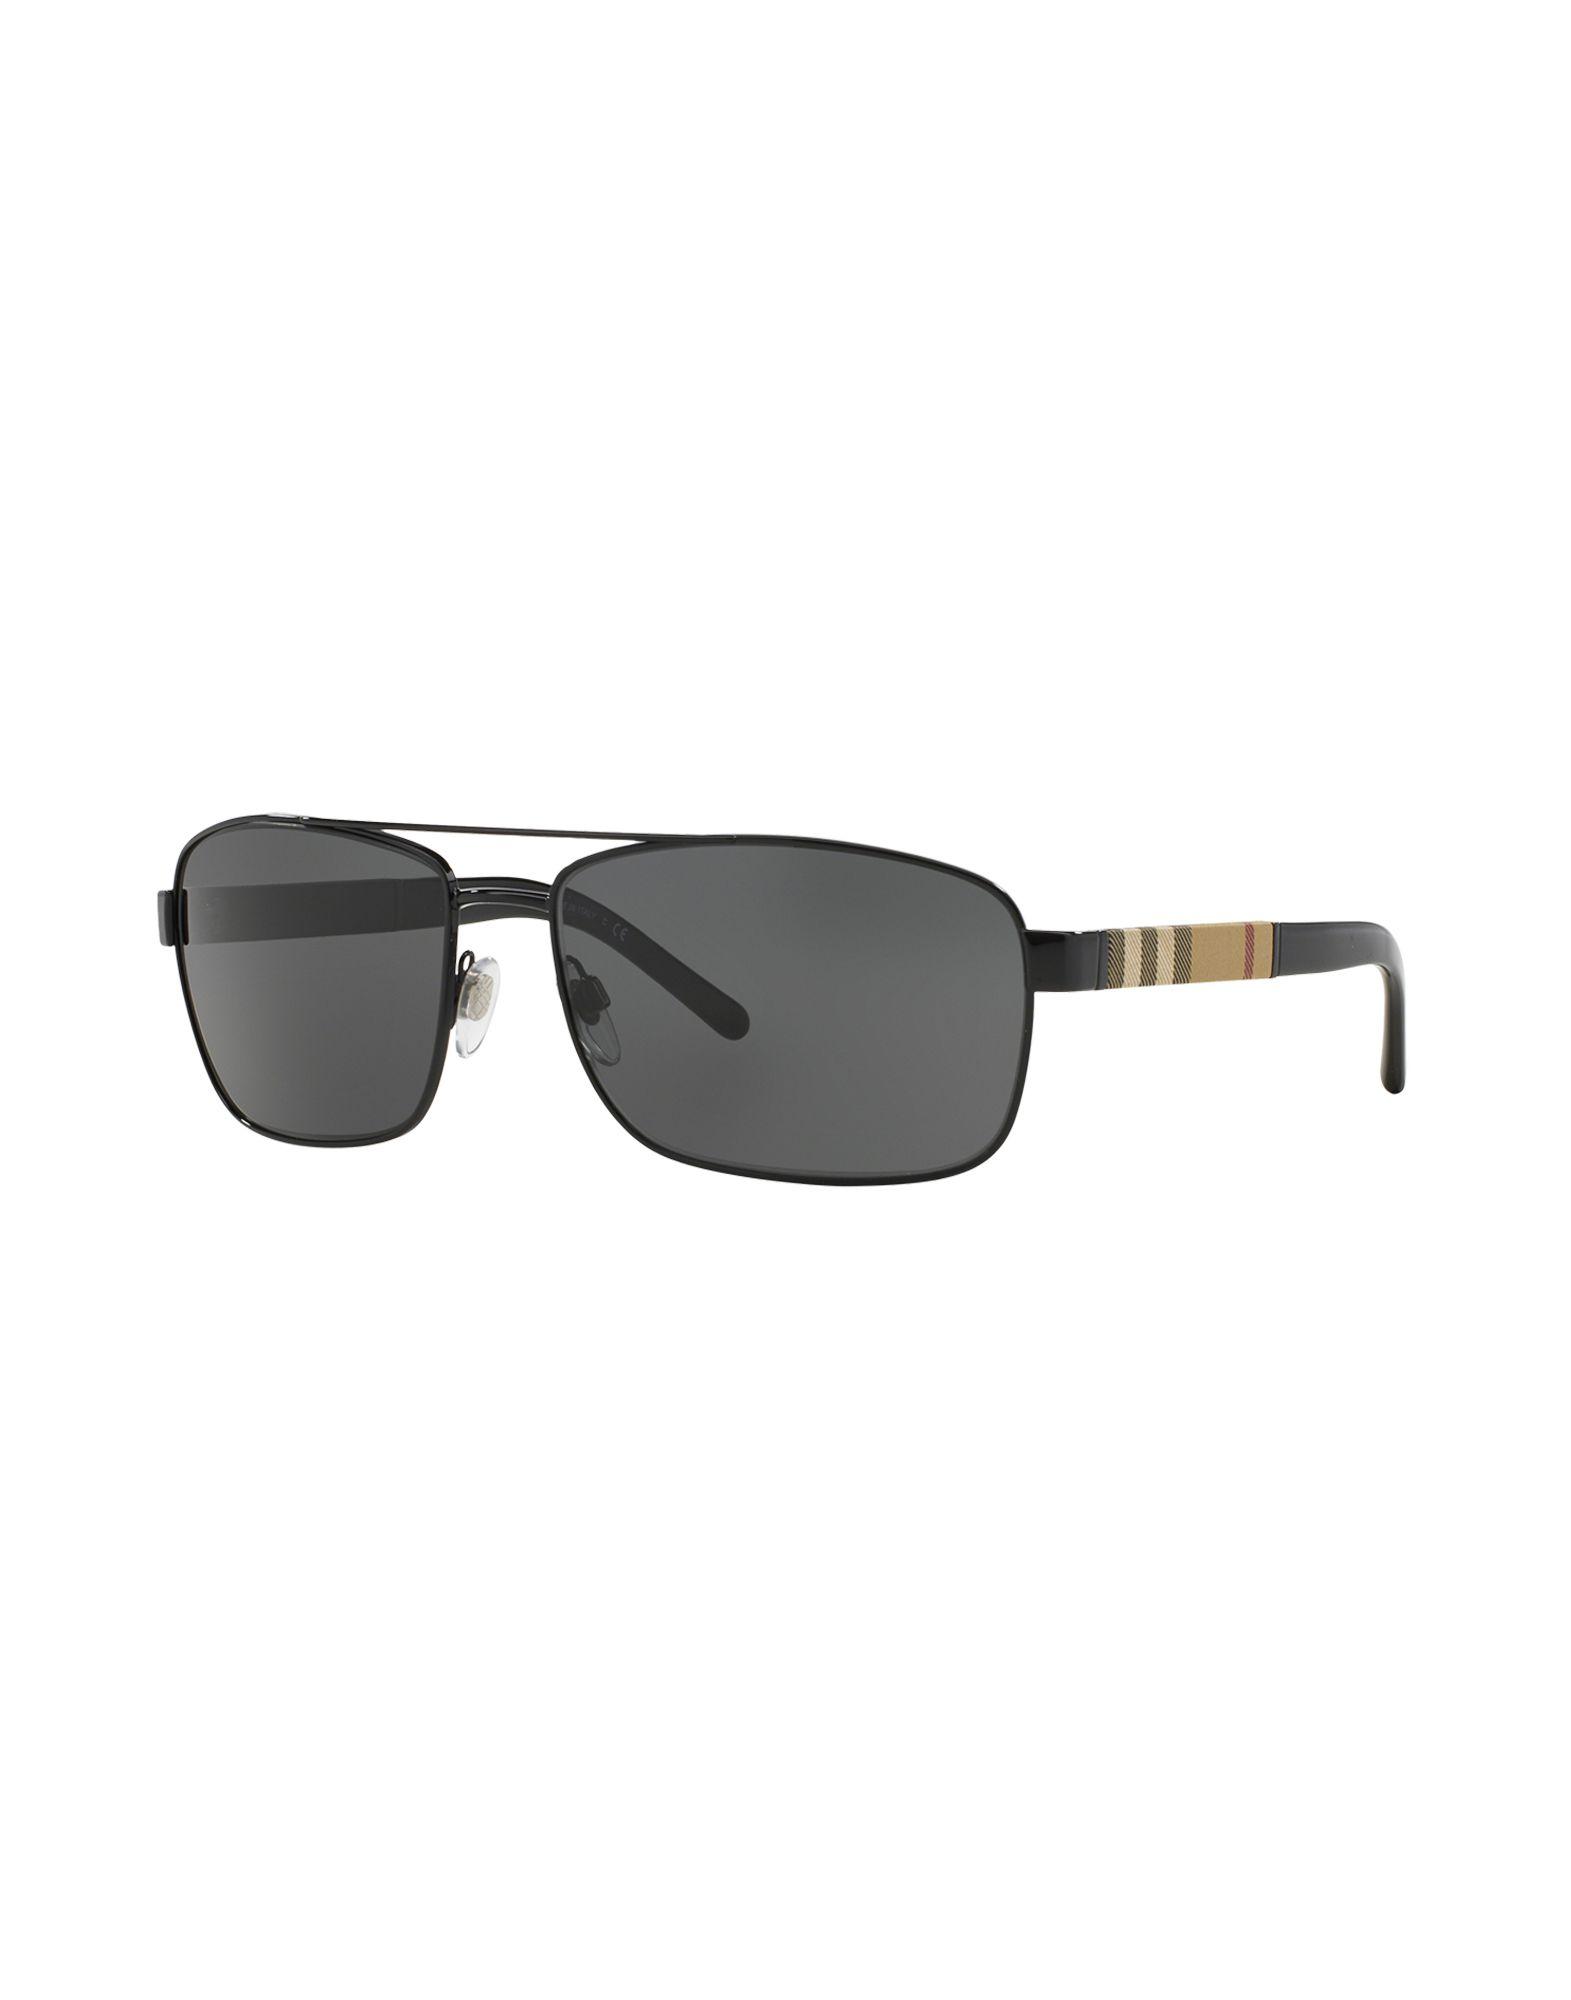 BURBERRY Herren Sonnenbrille Farbe Schwarz Größe 1